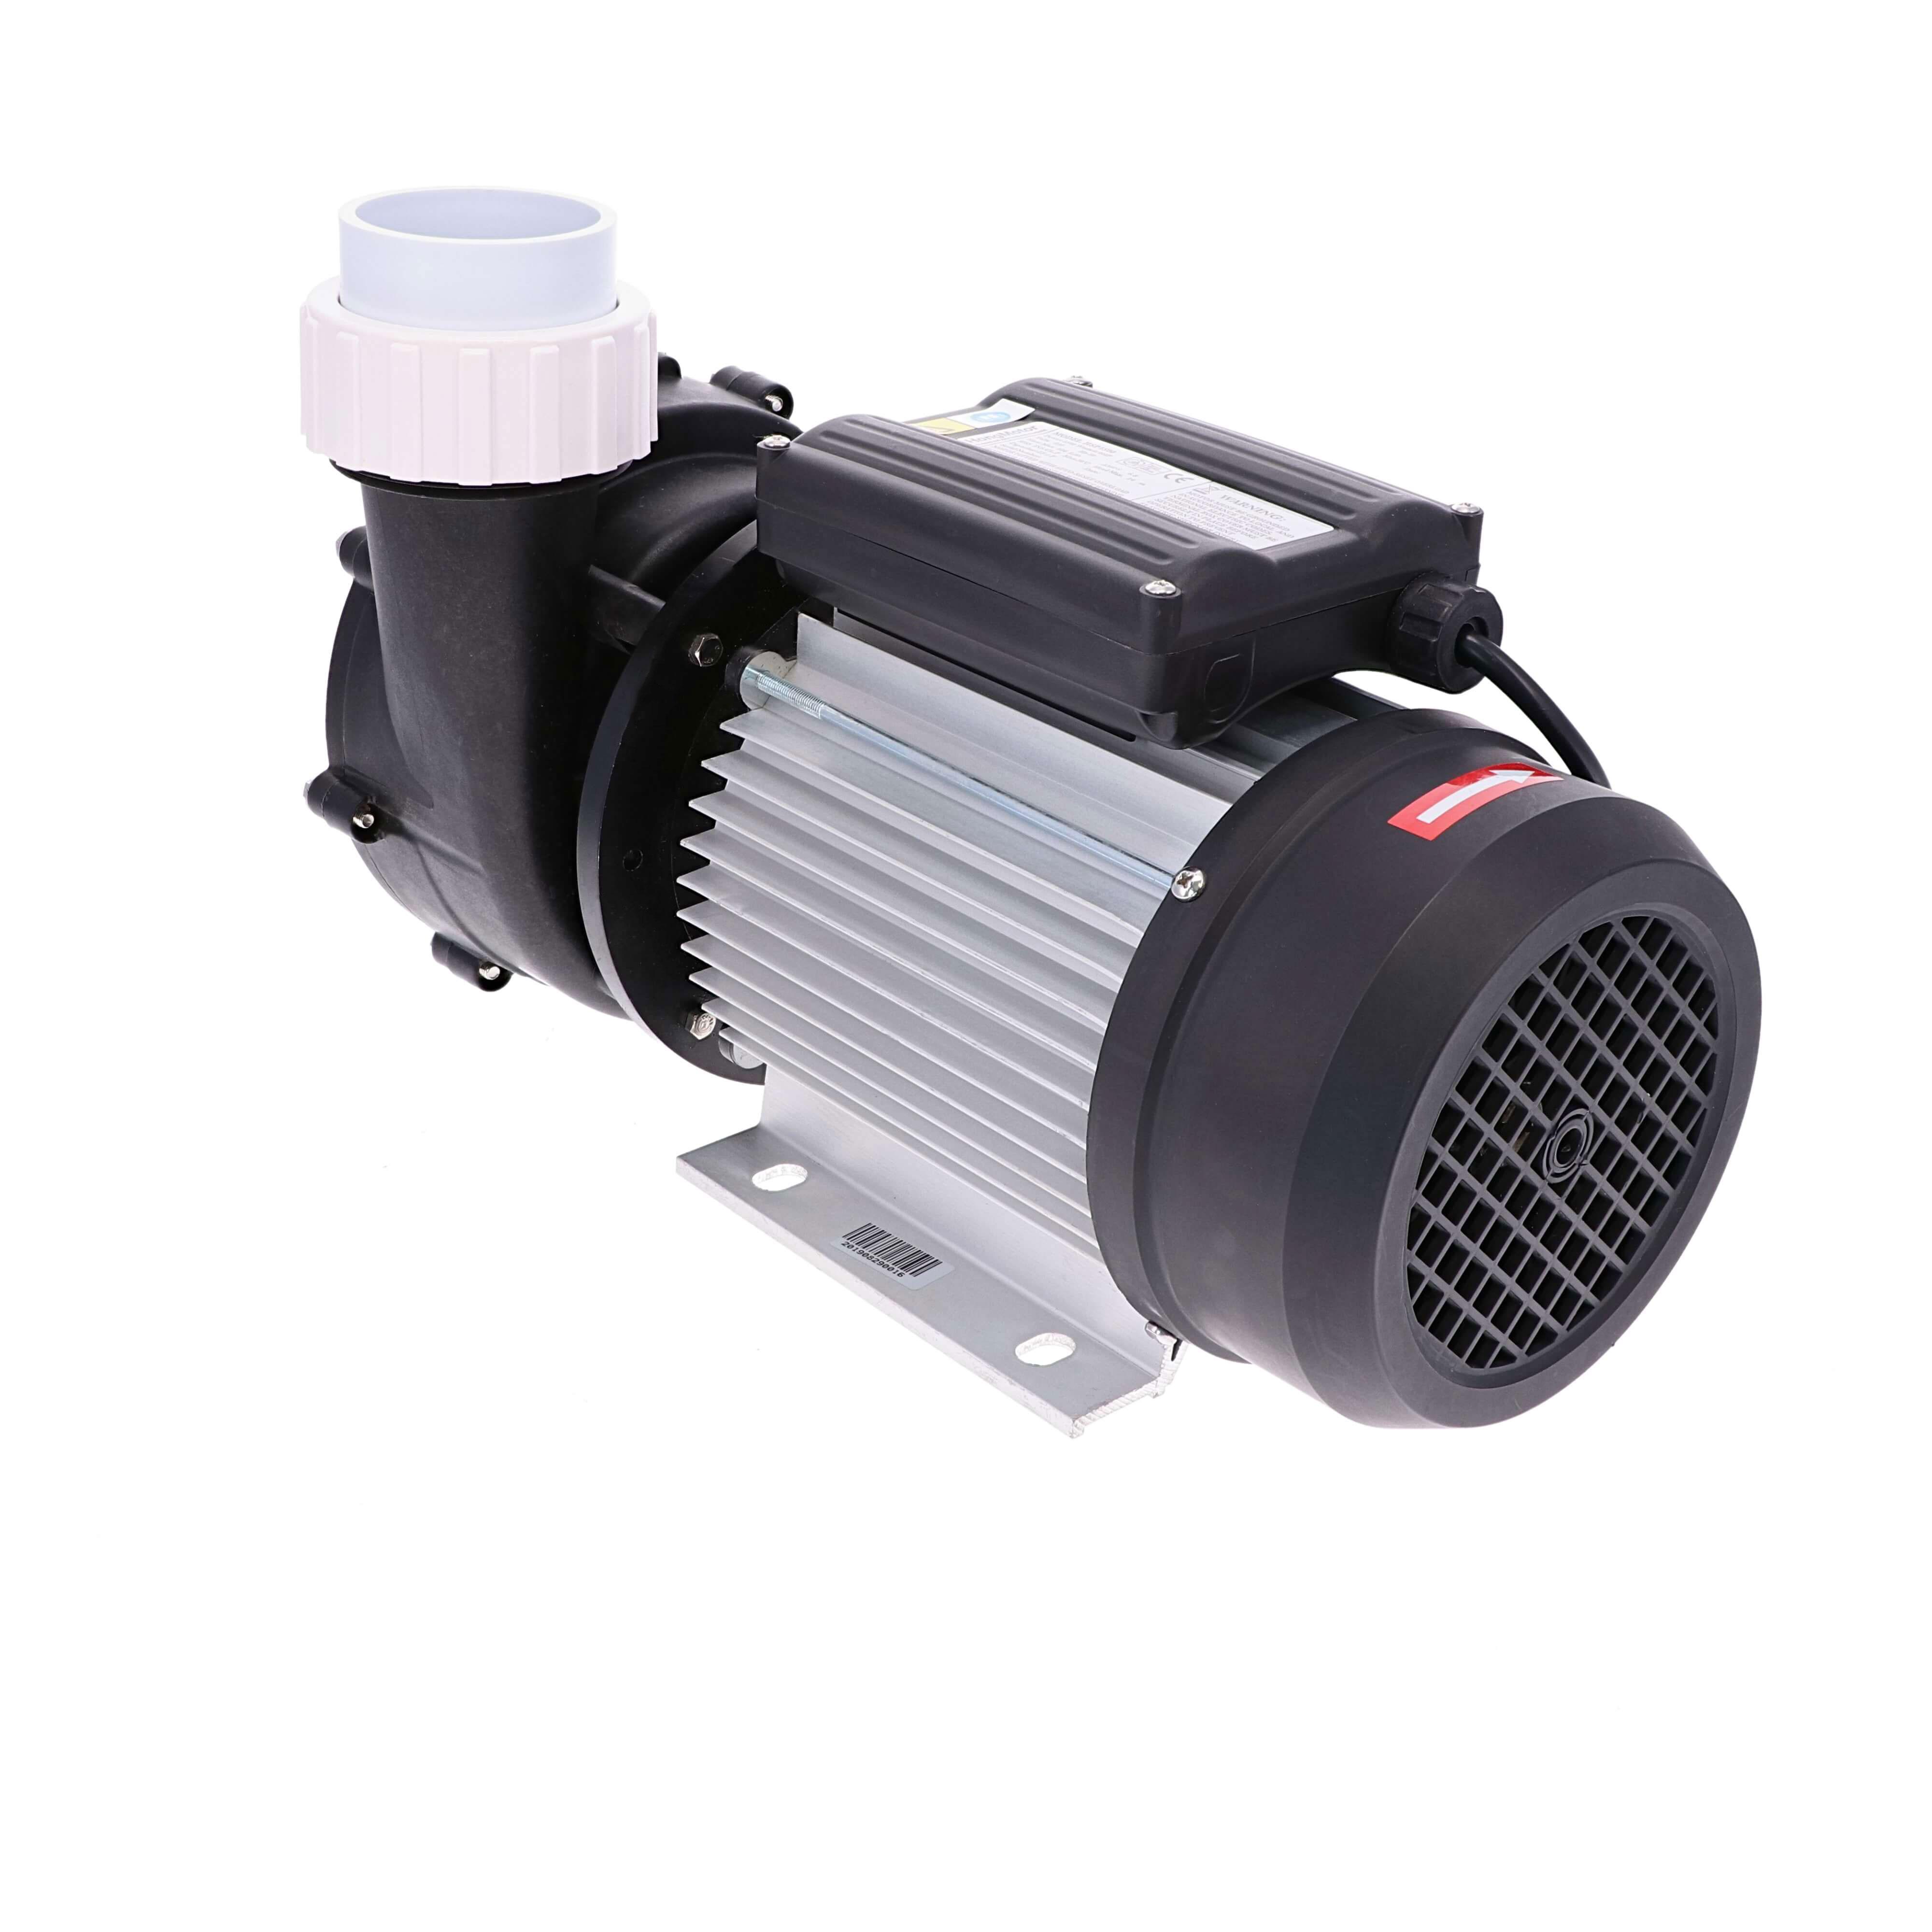 HSP1500 Spa Bath Pump